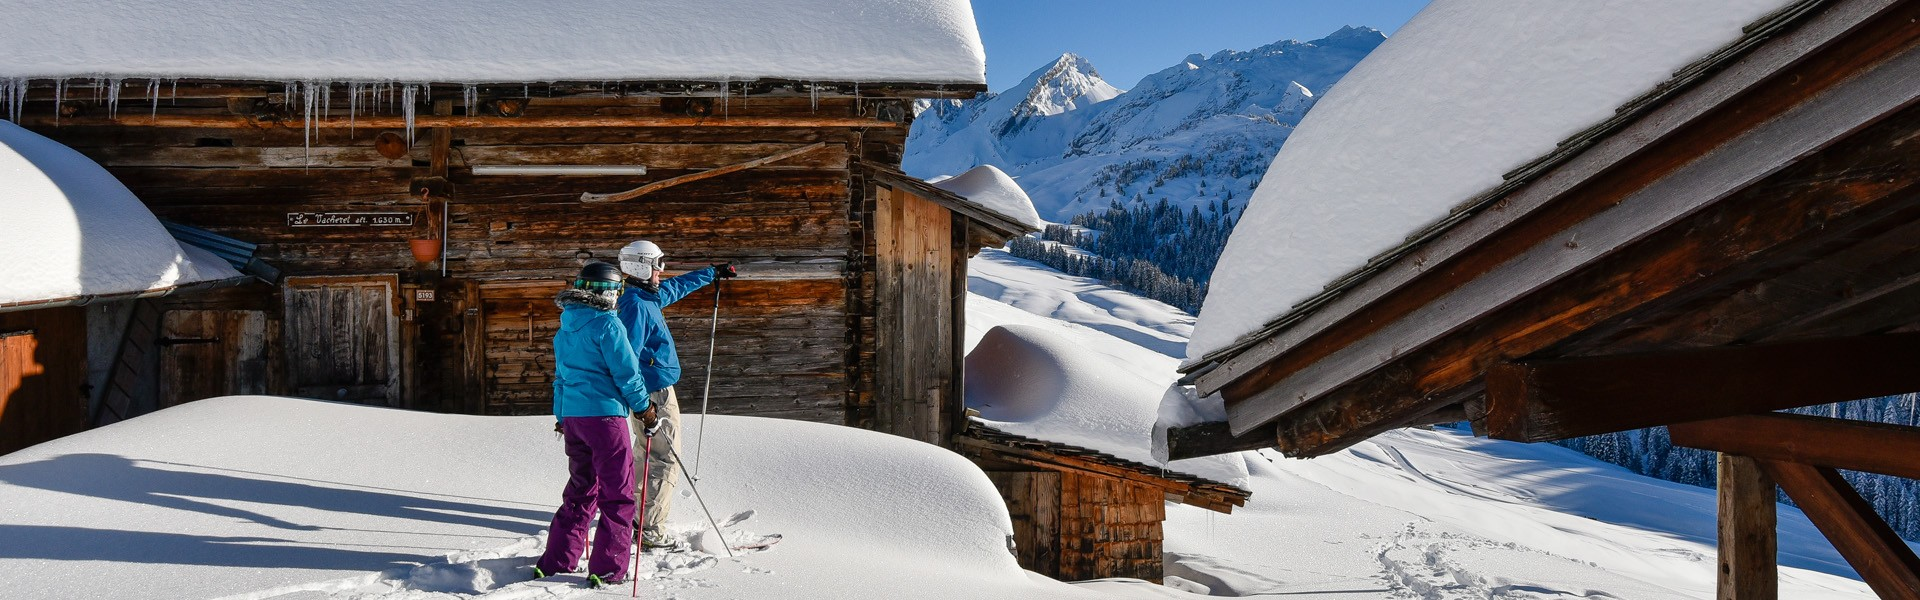 Ski dans les chalets